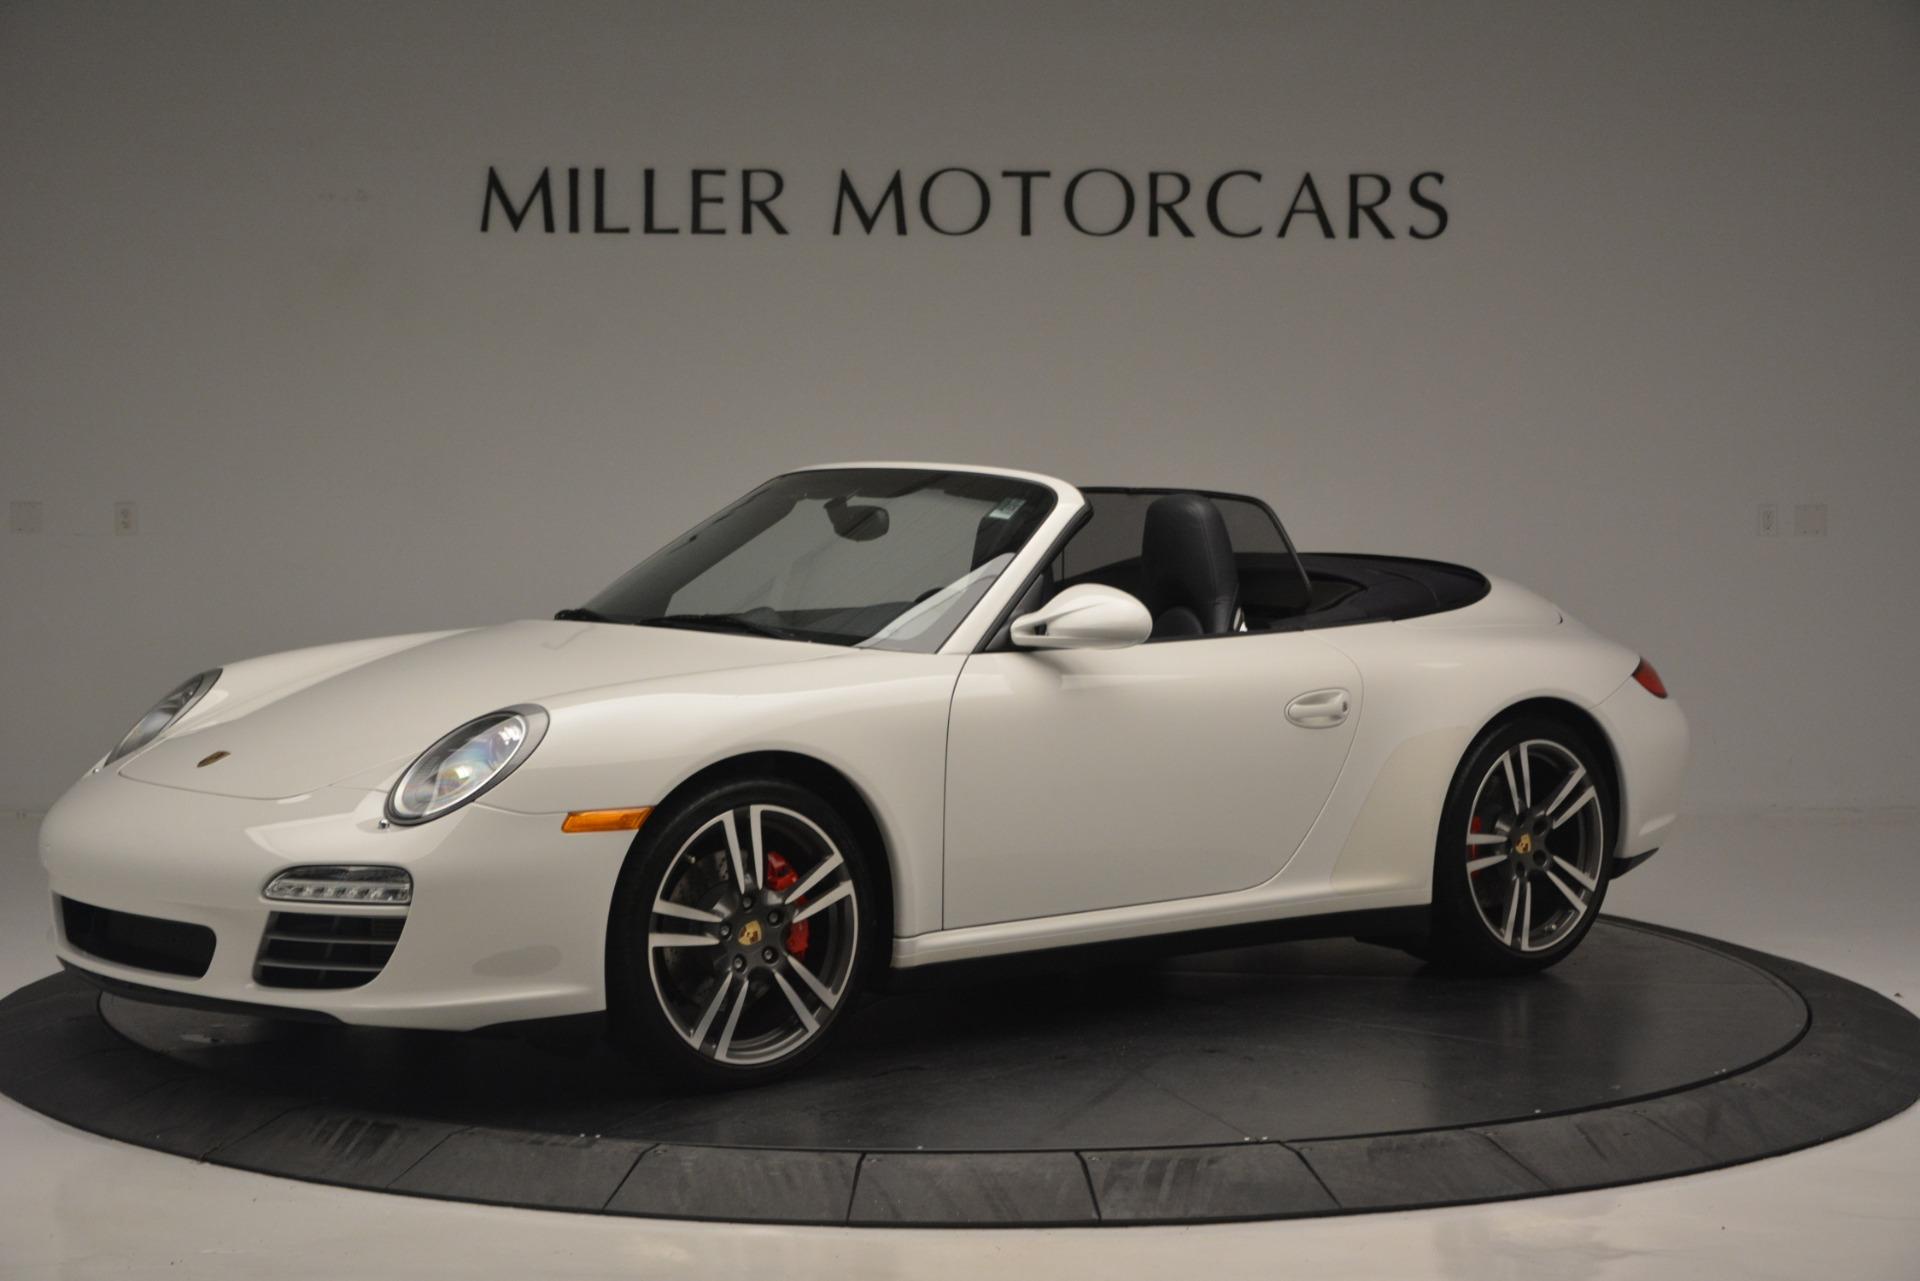 Used 2011 Porsche 911 Carrera 4S For Sale In Westport, CT 2600_p2